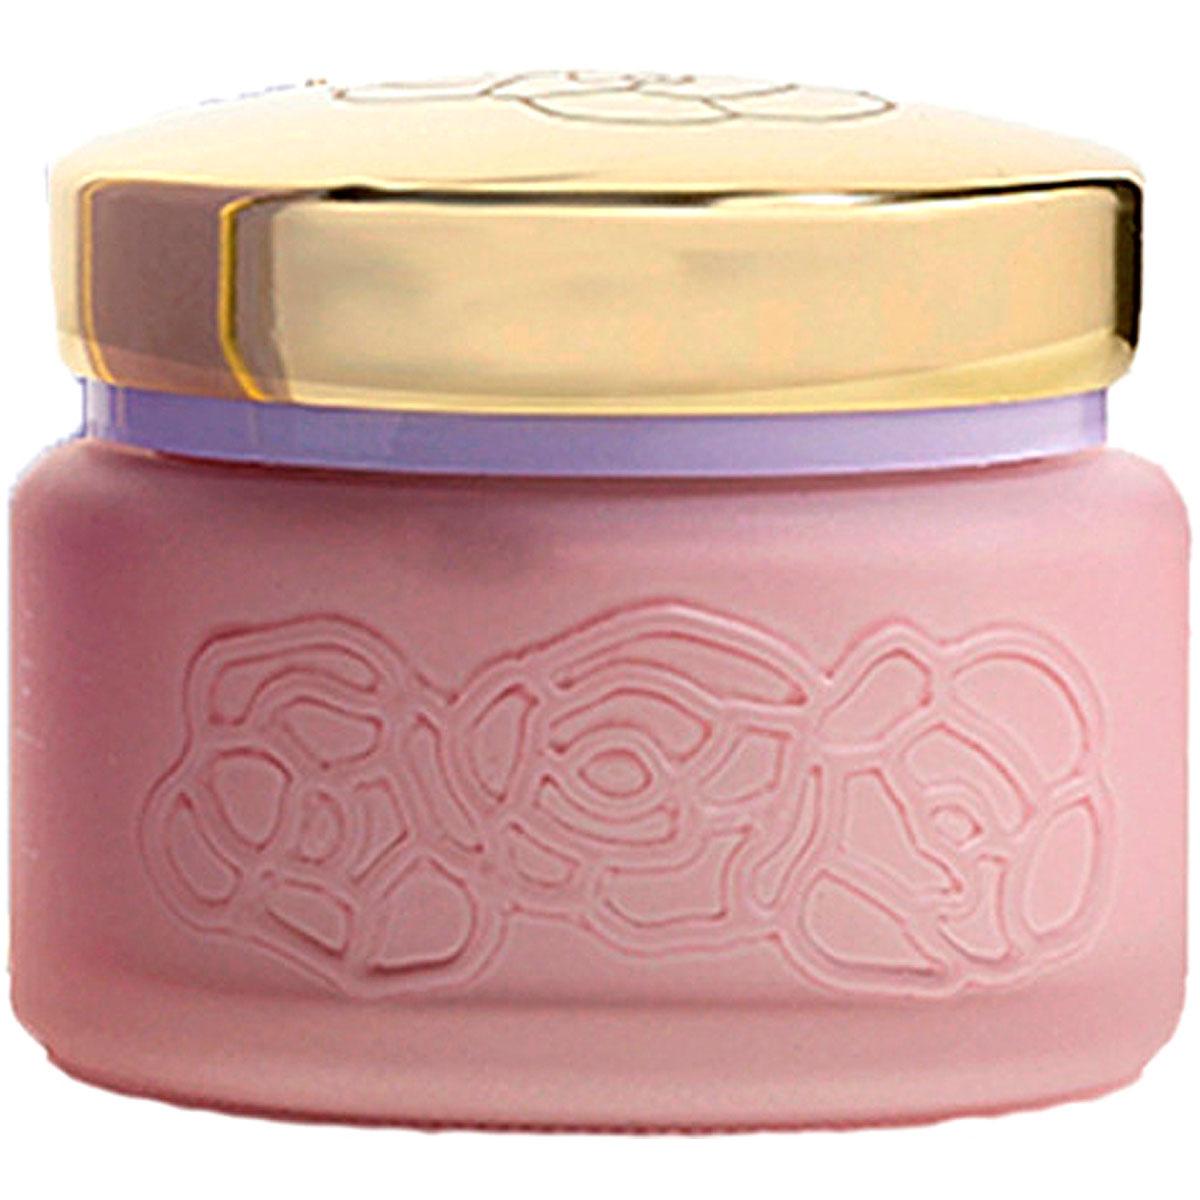 Houbigant Paris Beauty for Women, Quelques Fleurs Royale - Body Cream - 150 Ml, 2019, 150 ml